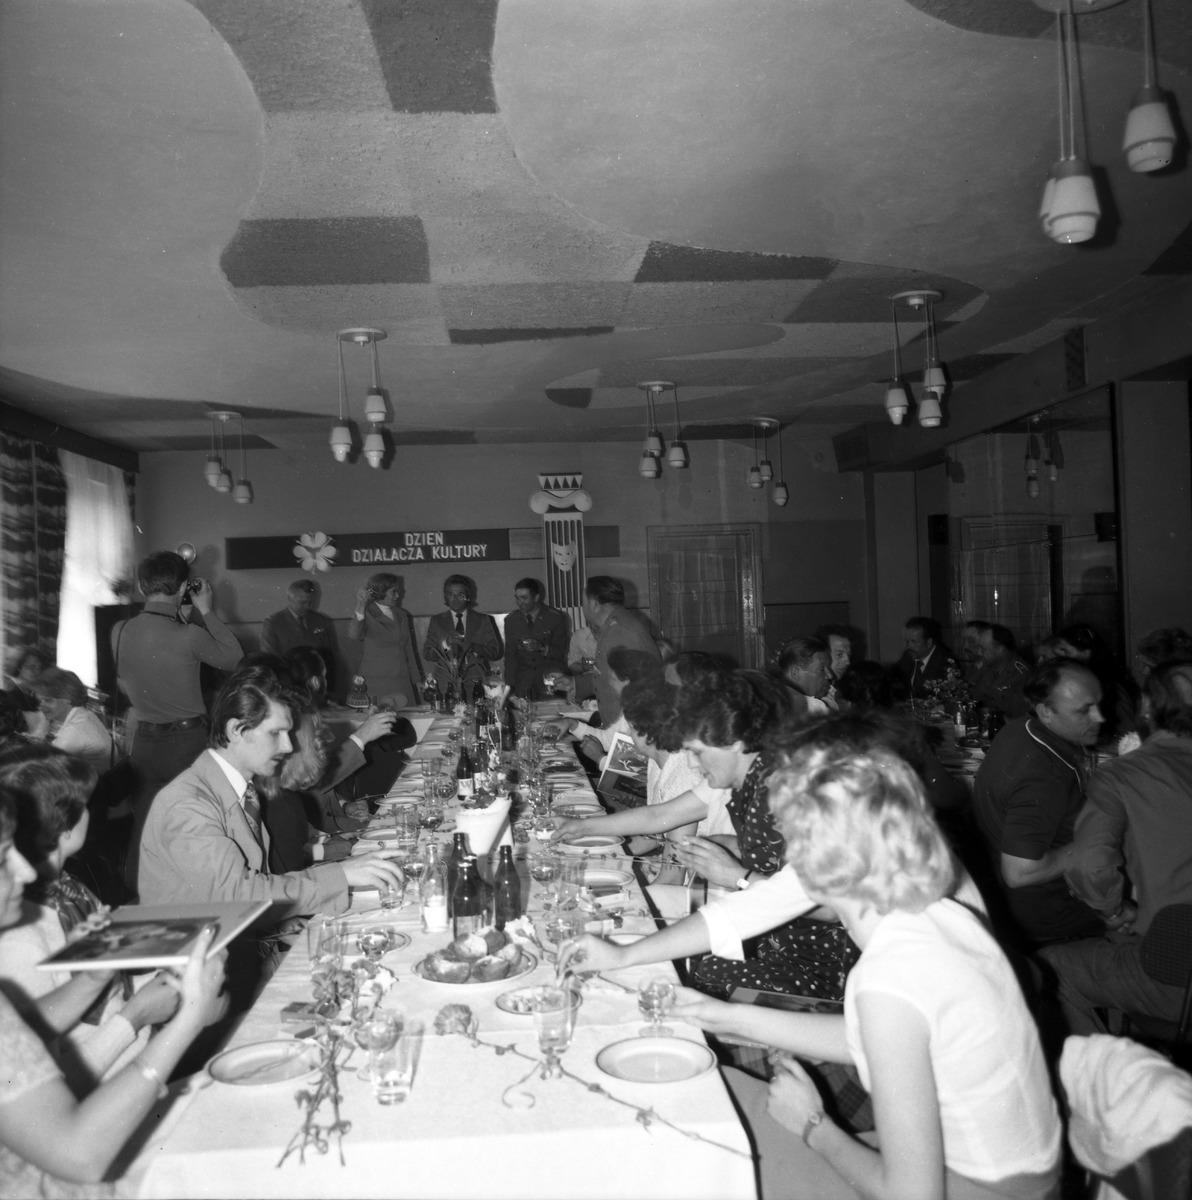 Obchody Dnia Działacza Kultury, 1979 r. [5]